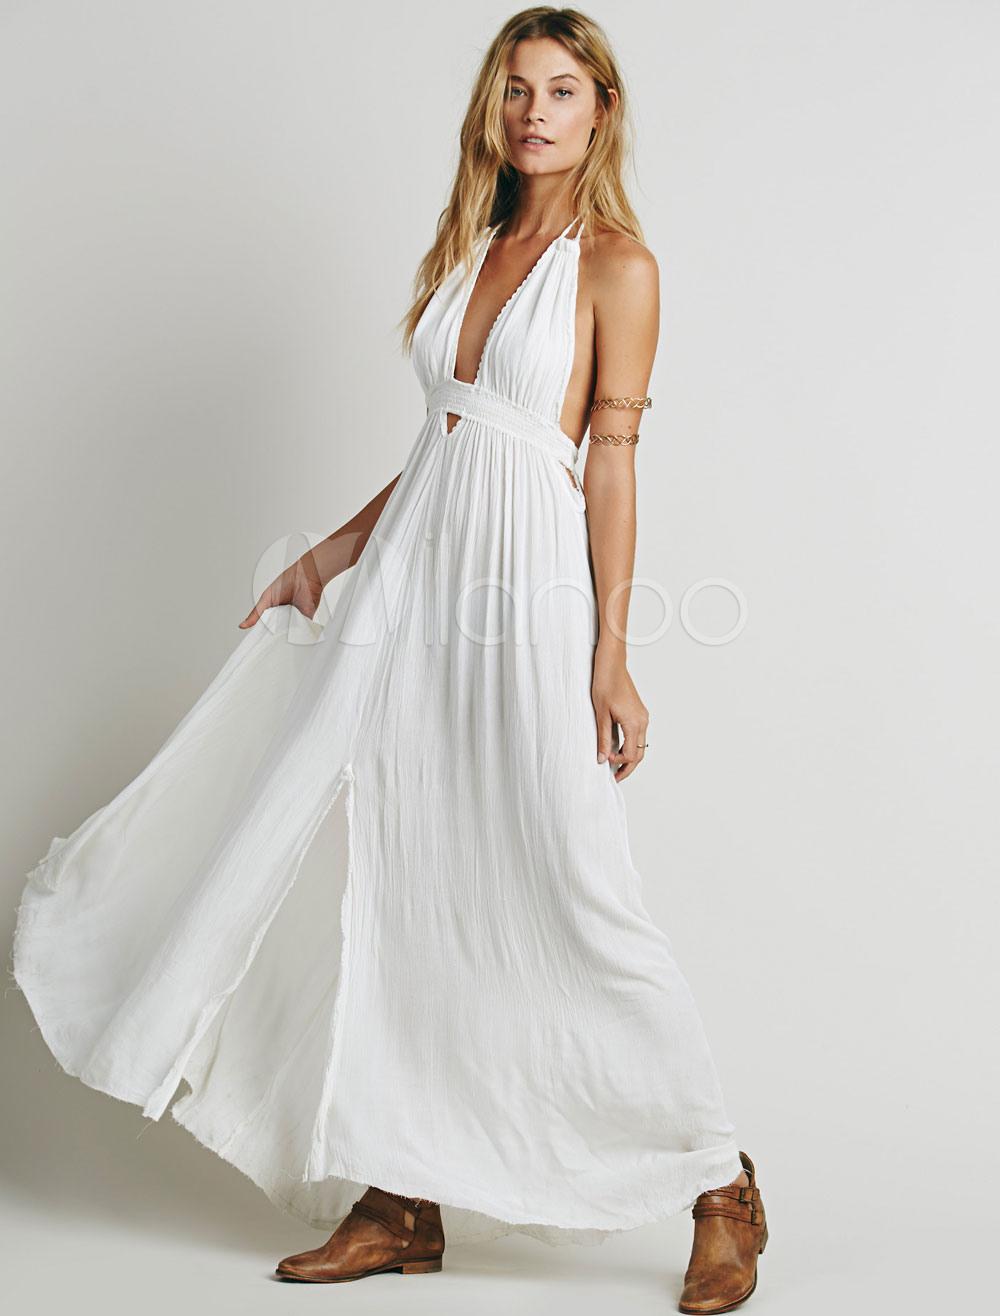 17 Wunderbar Kleid Lang Weiß Ärmel17 Erstaunlich Kleid Lang Weiß Boutique